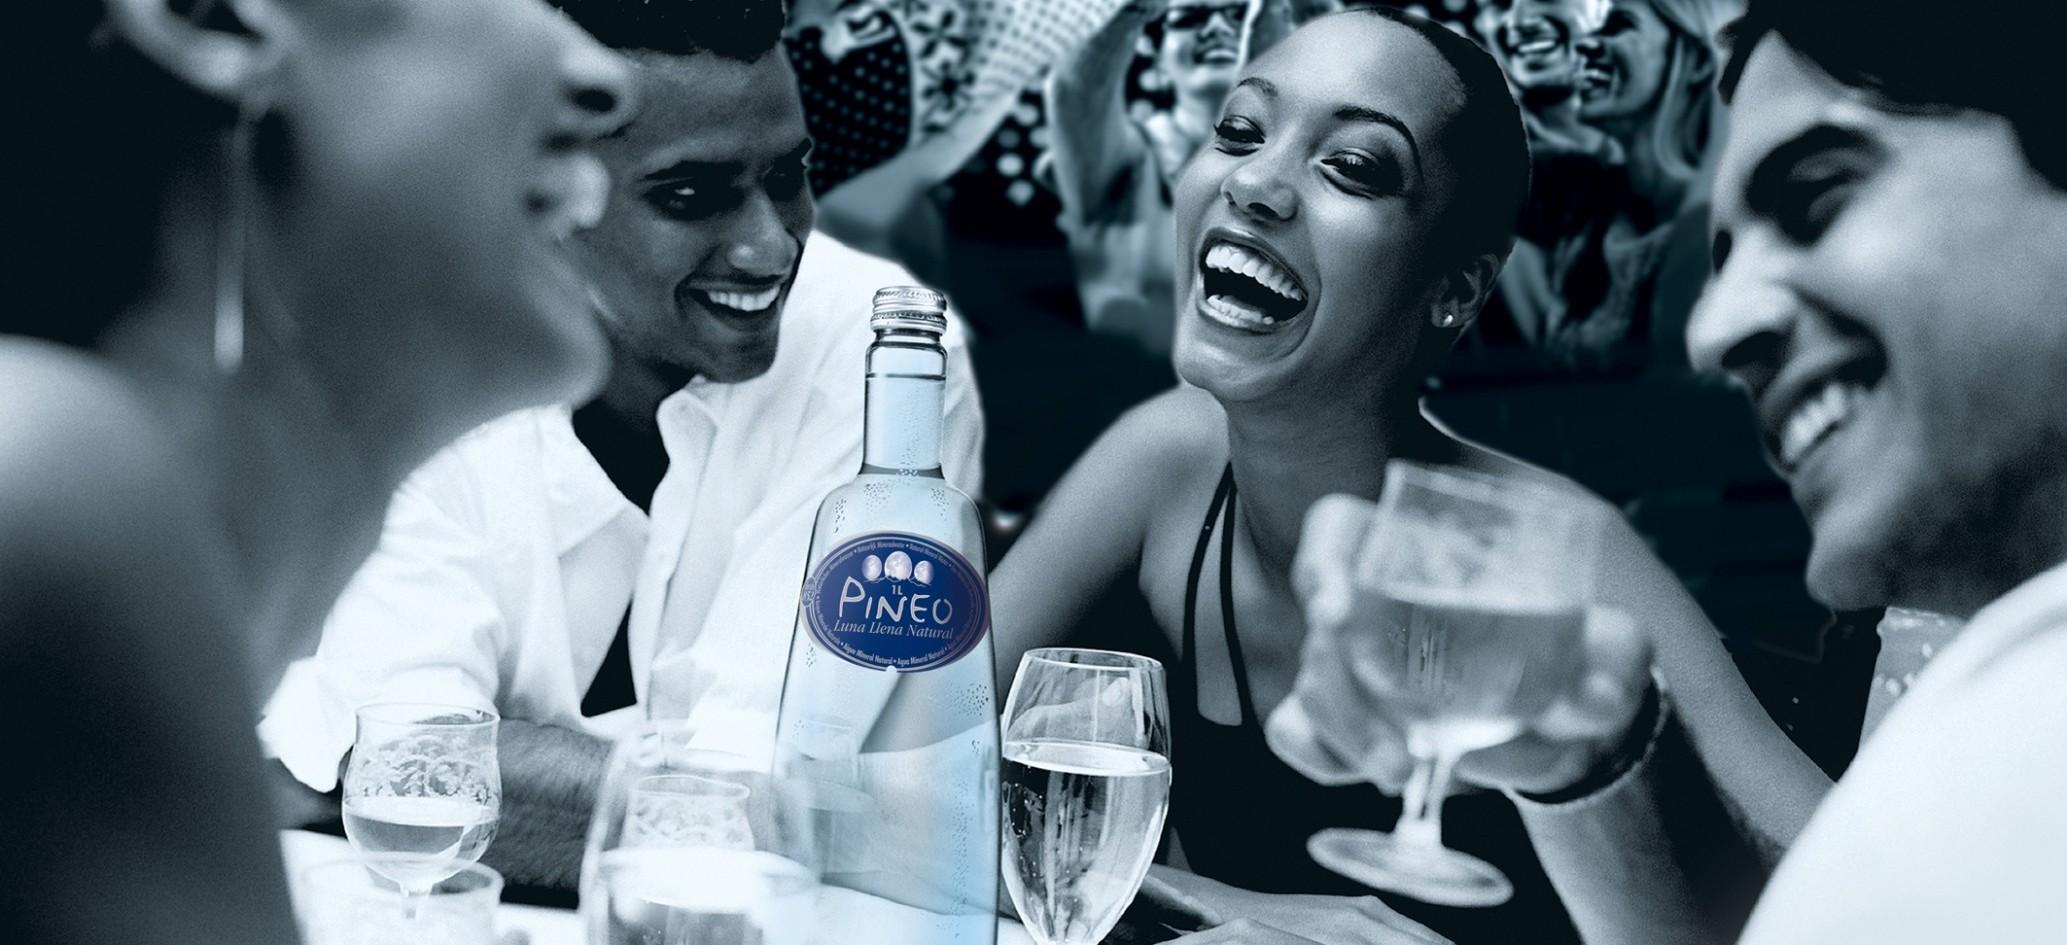 L'aigua mineral Pineo en les festes, a taula i en el restaurant